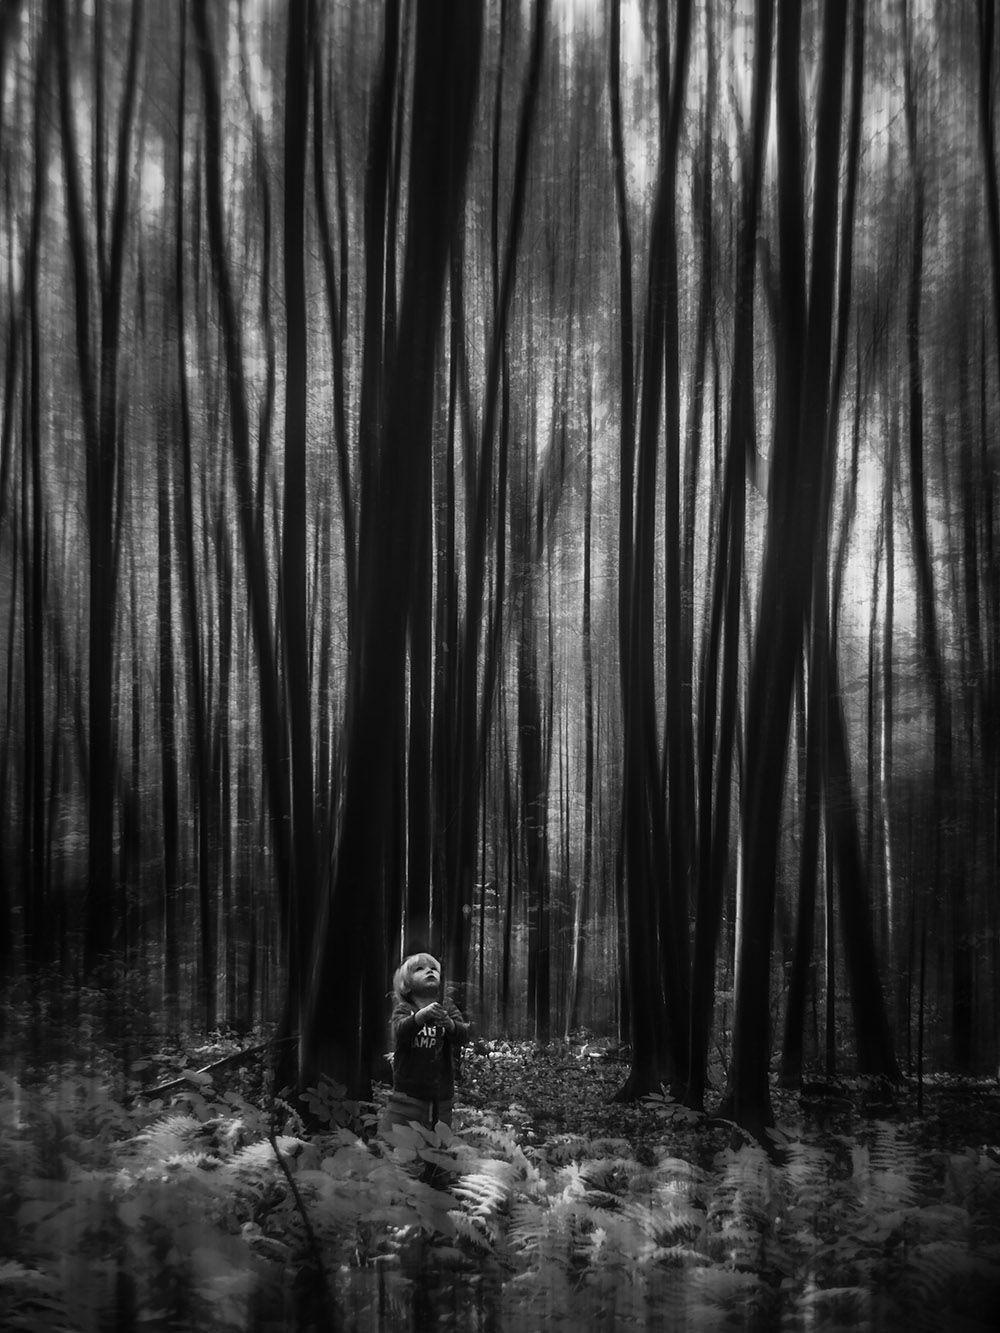 «Восхищение тишиной» по версии АиФ стало лучшим фото в категории «Тьма»